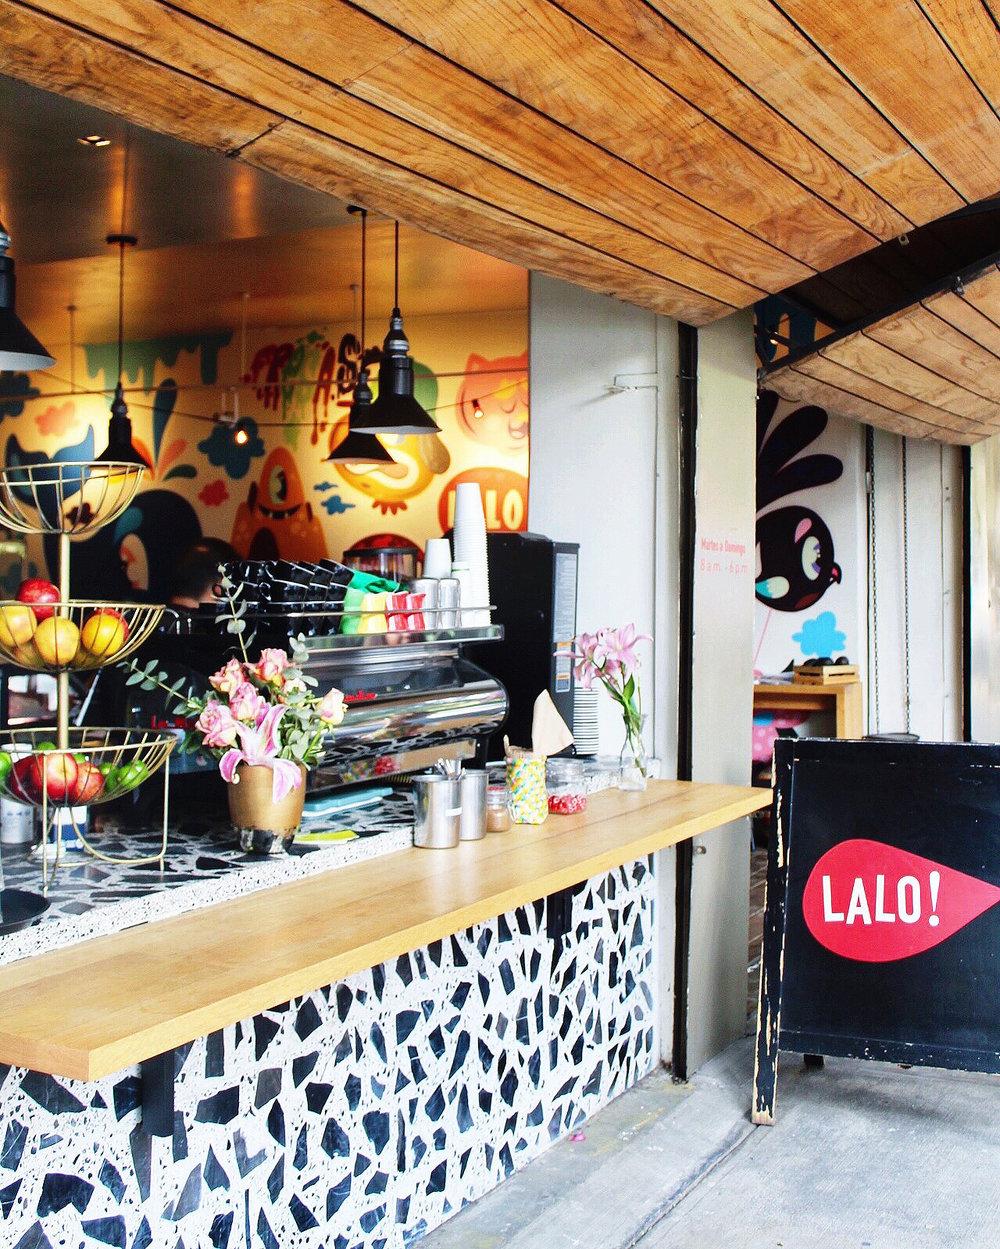 Lalo-Mexico-City.jpg